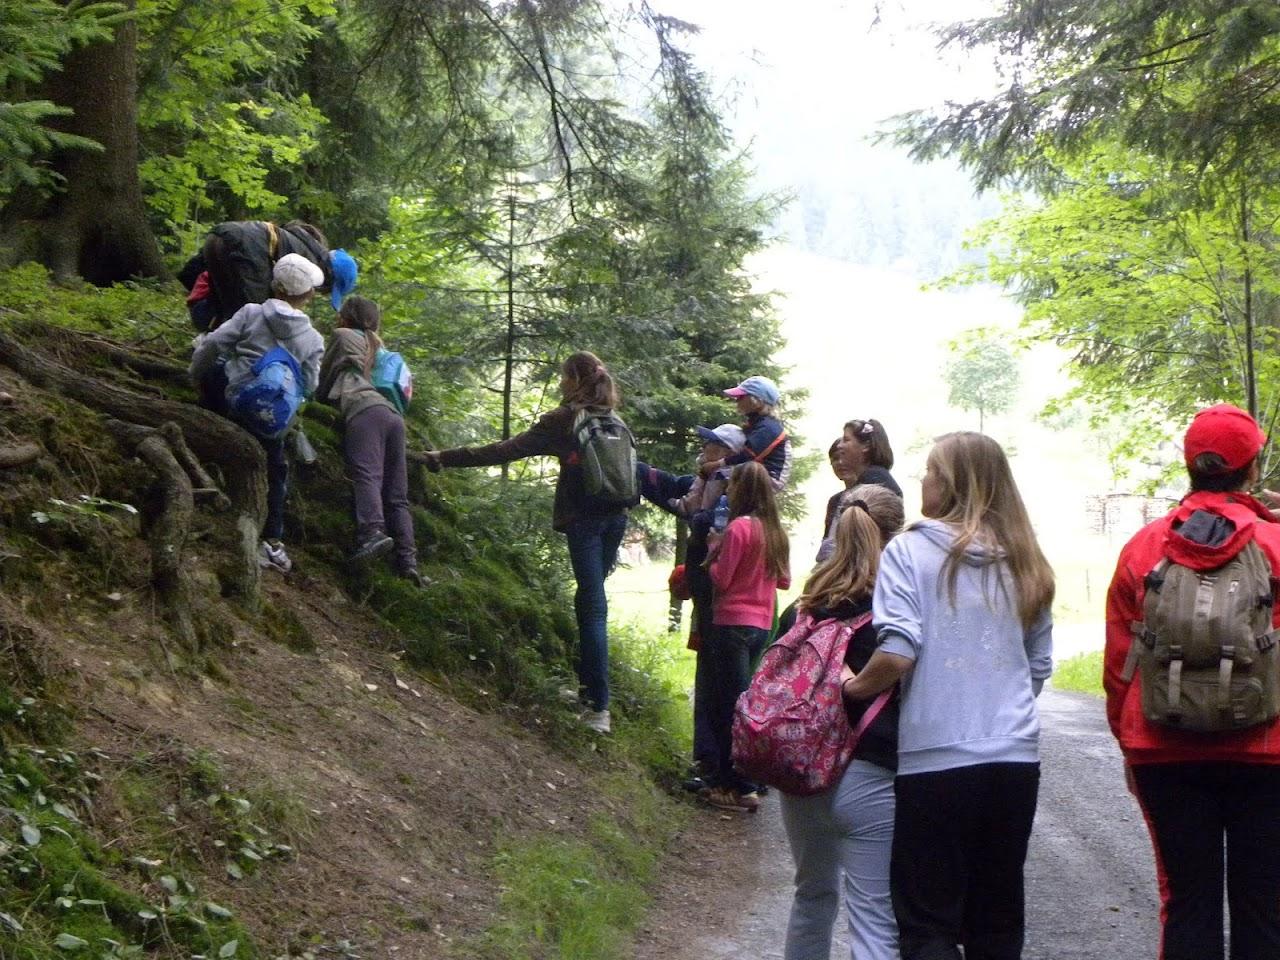 Tábor - Veľké Karlovice - fotka 141.JPG